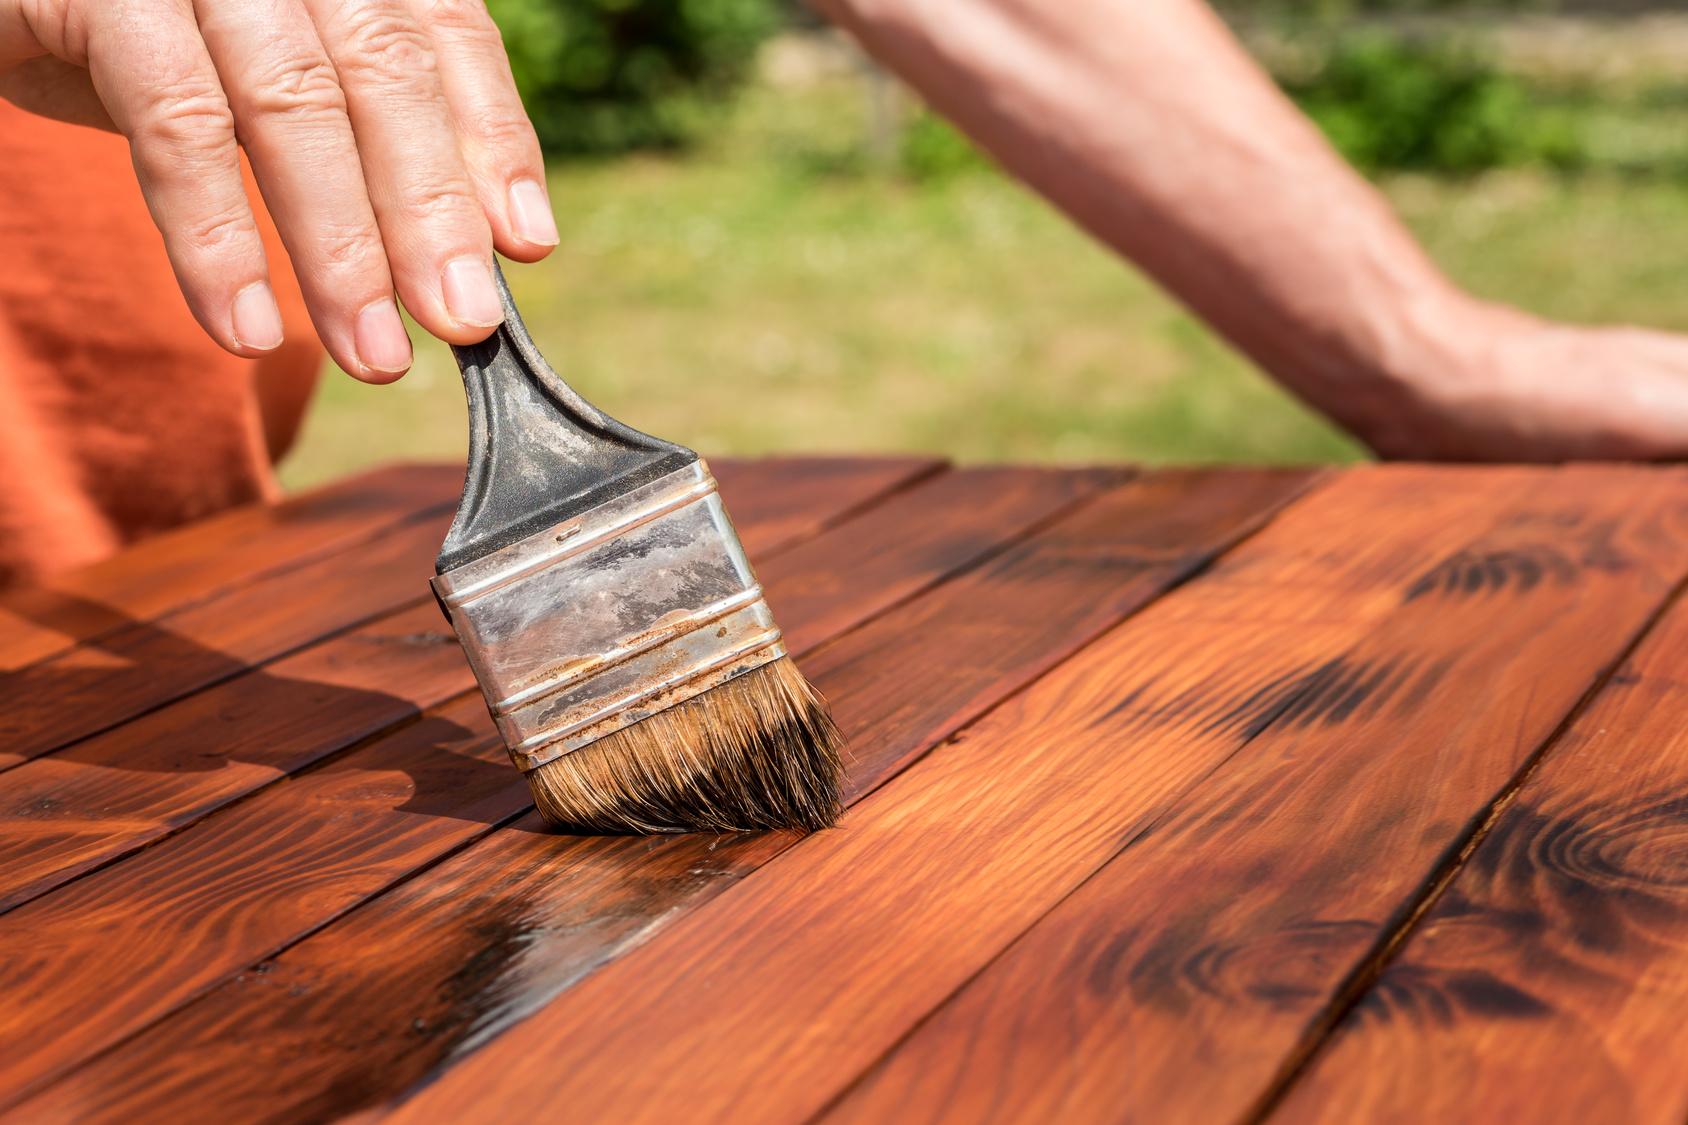 Peindre Un Vieux Meuble En Bois peindre un meuble en bois : comment optimiser le rendu final ?